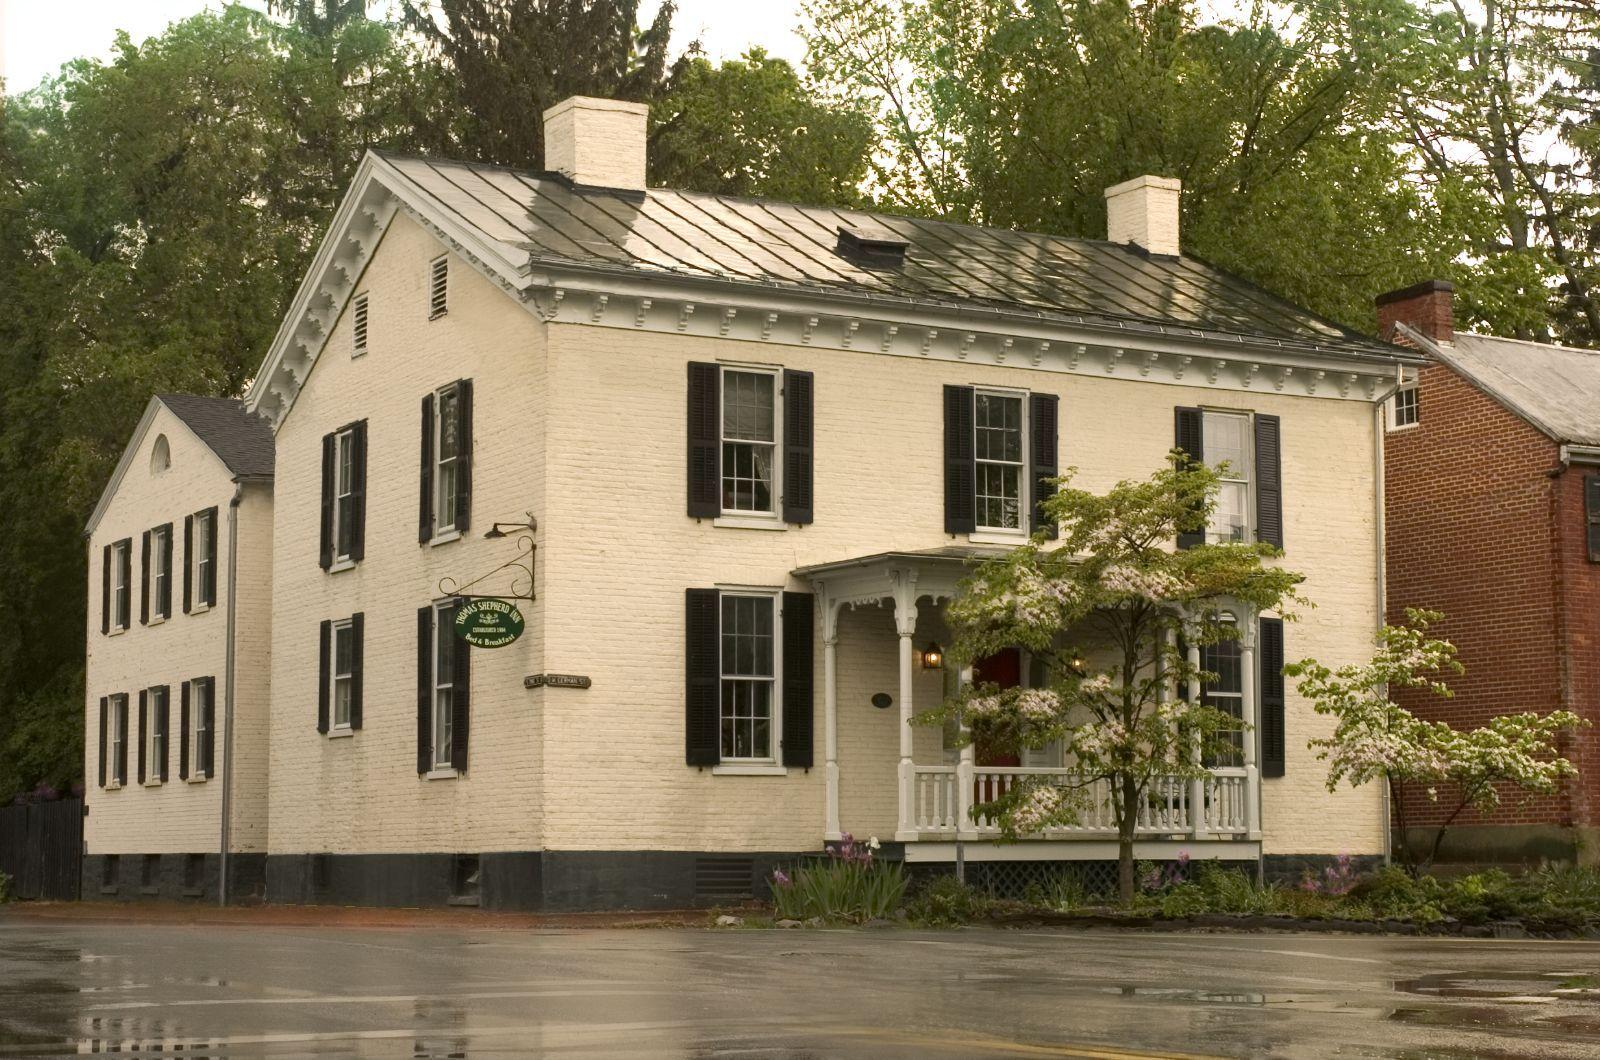 Thomas shepherd inn shepherdstown wv select registry bed breakfasts inns · small luxury hotelswest